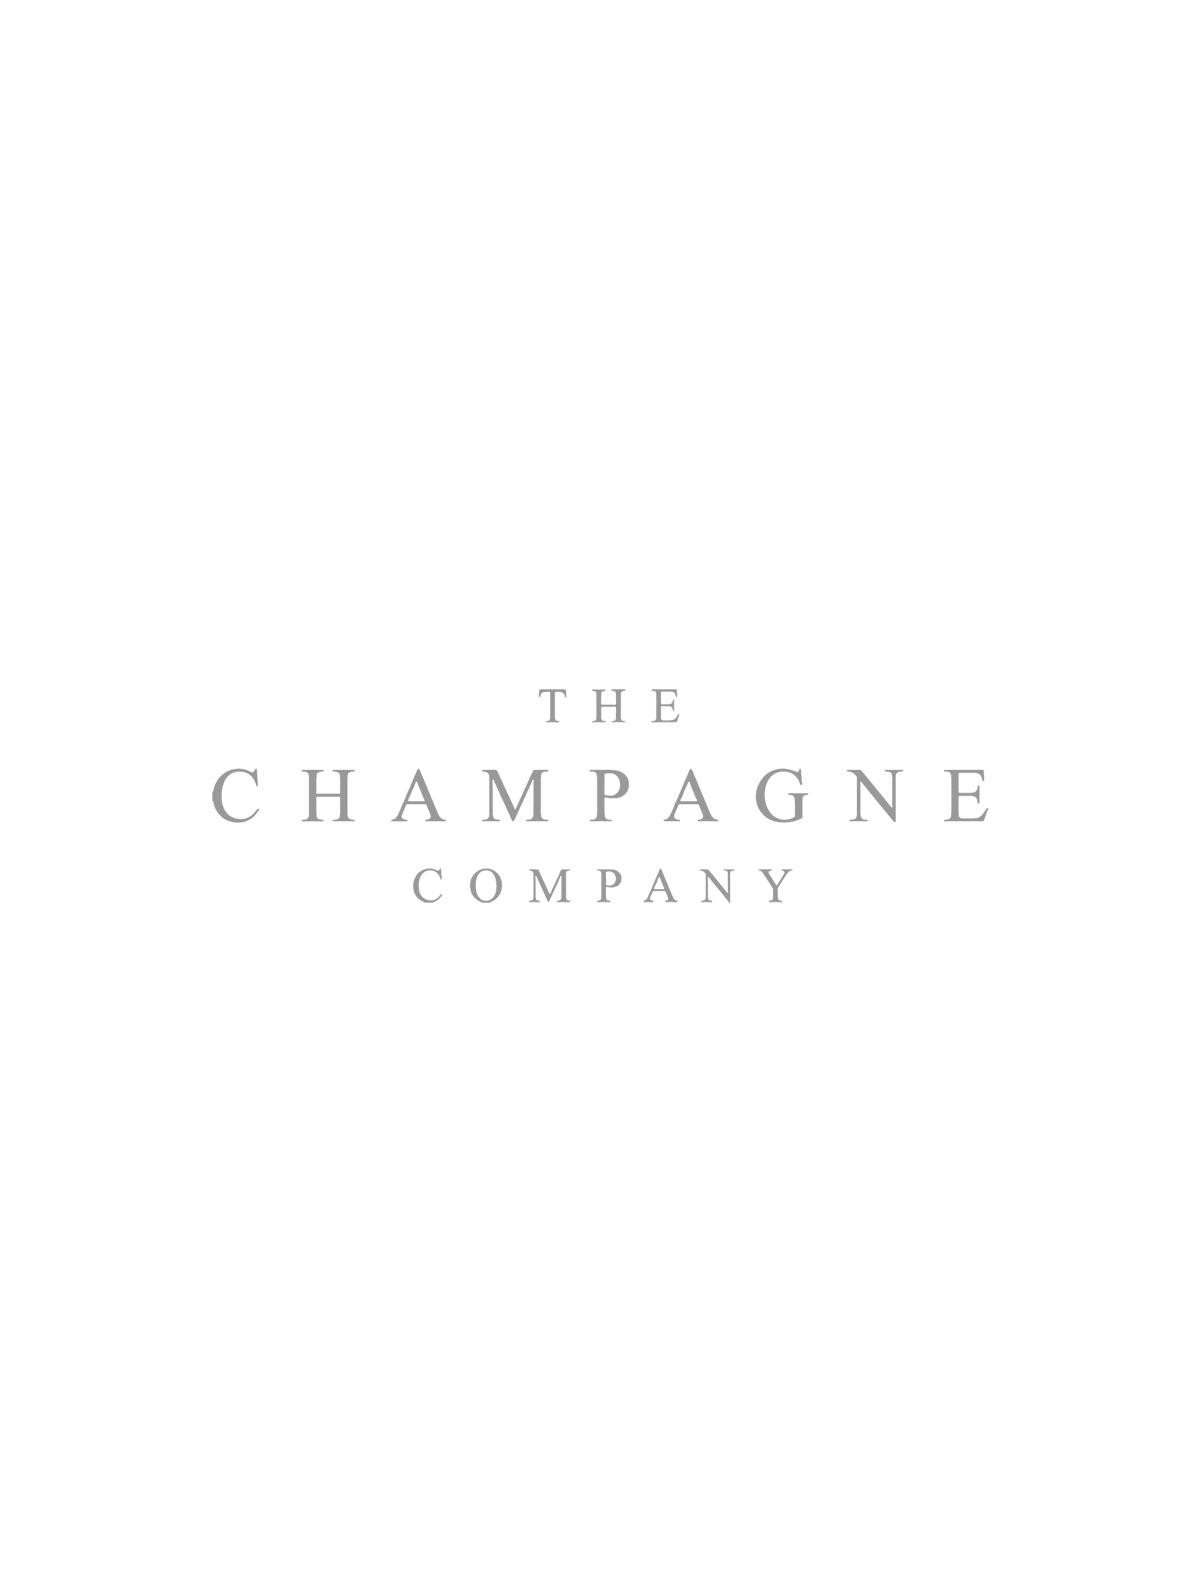 Wooden Wine Box - Single 75cl Bottle